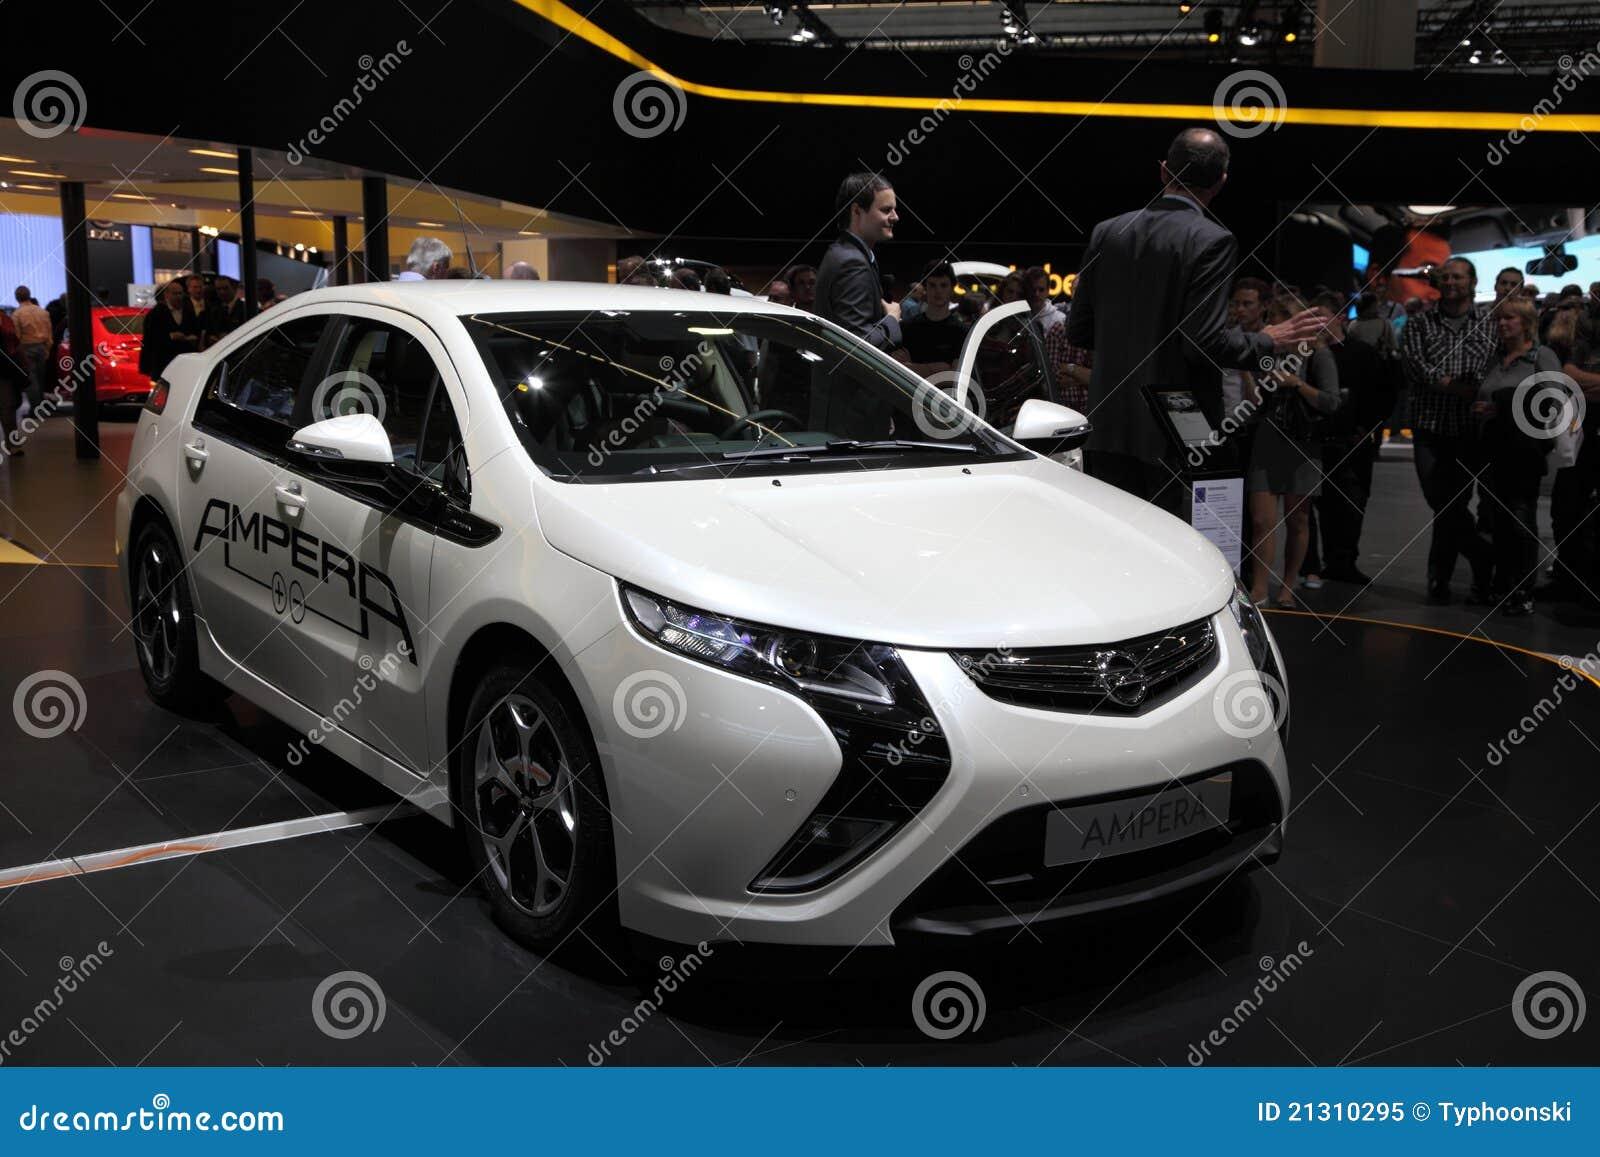 Nieuwe Elektrische Auto Opel Ampera Redactionele Afbeelding